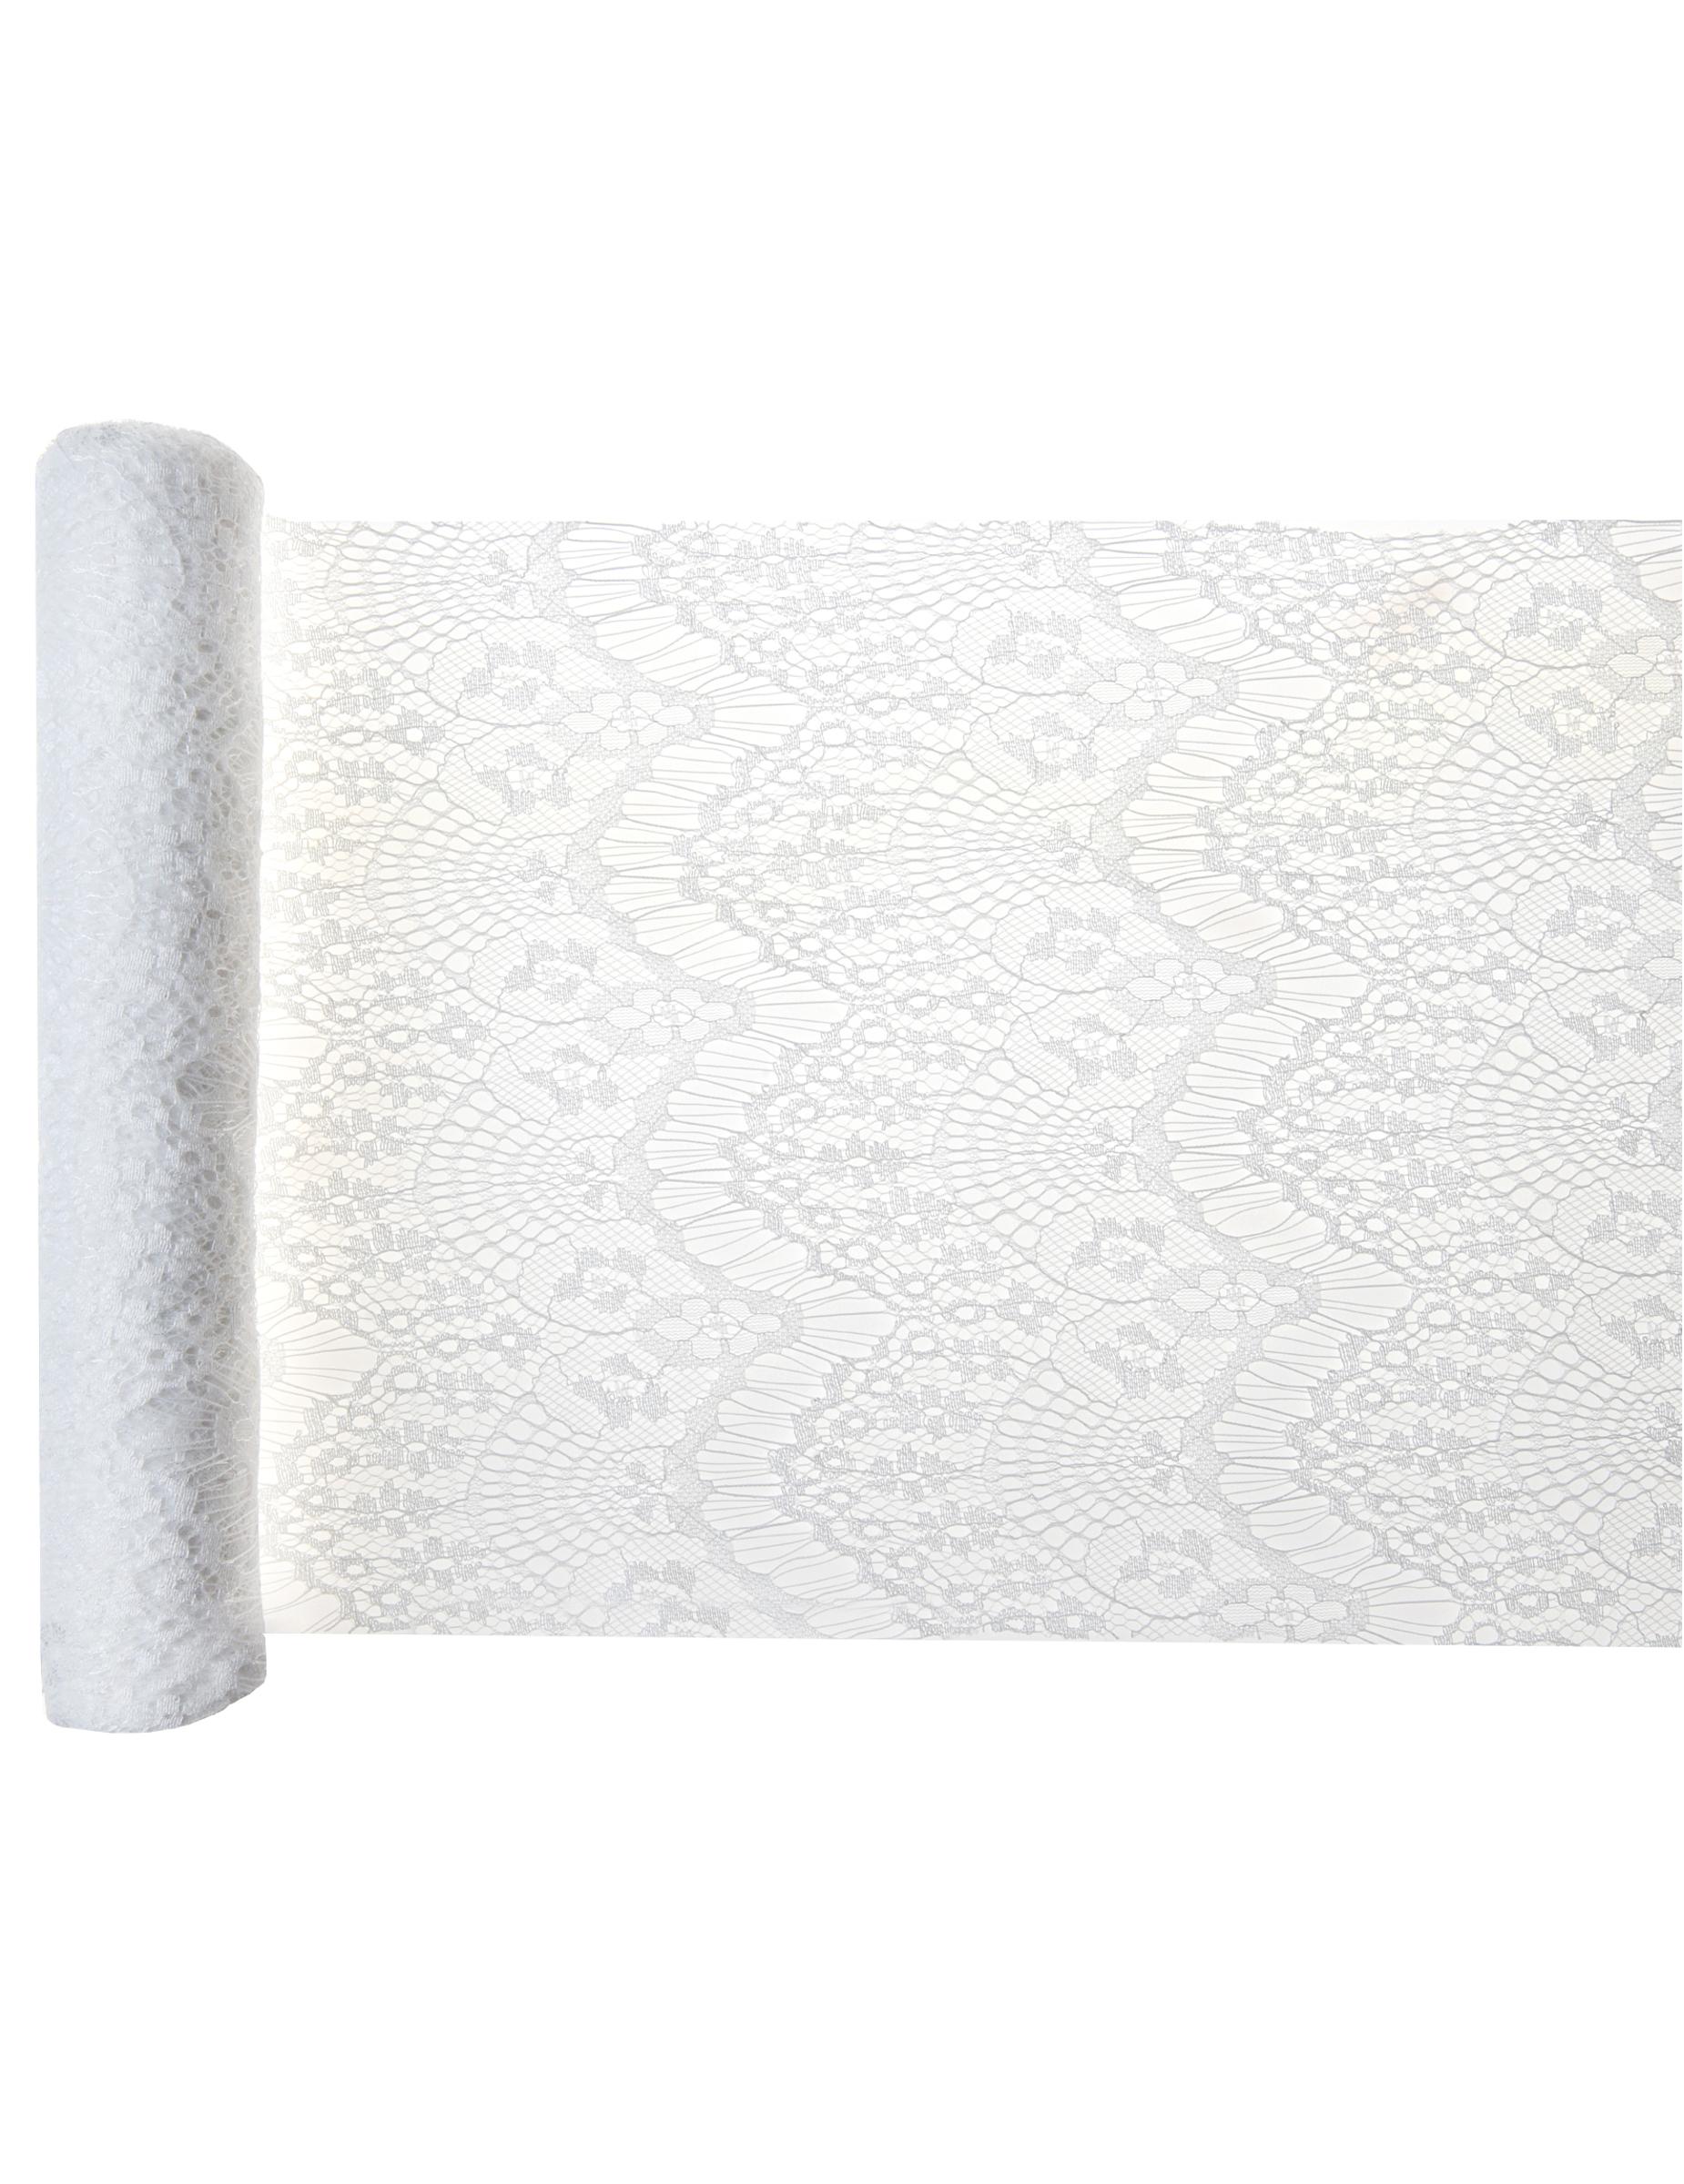 Chemin De Table En Polyester Boho Chic Blanc 30 Cm X 3 M